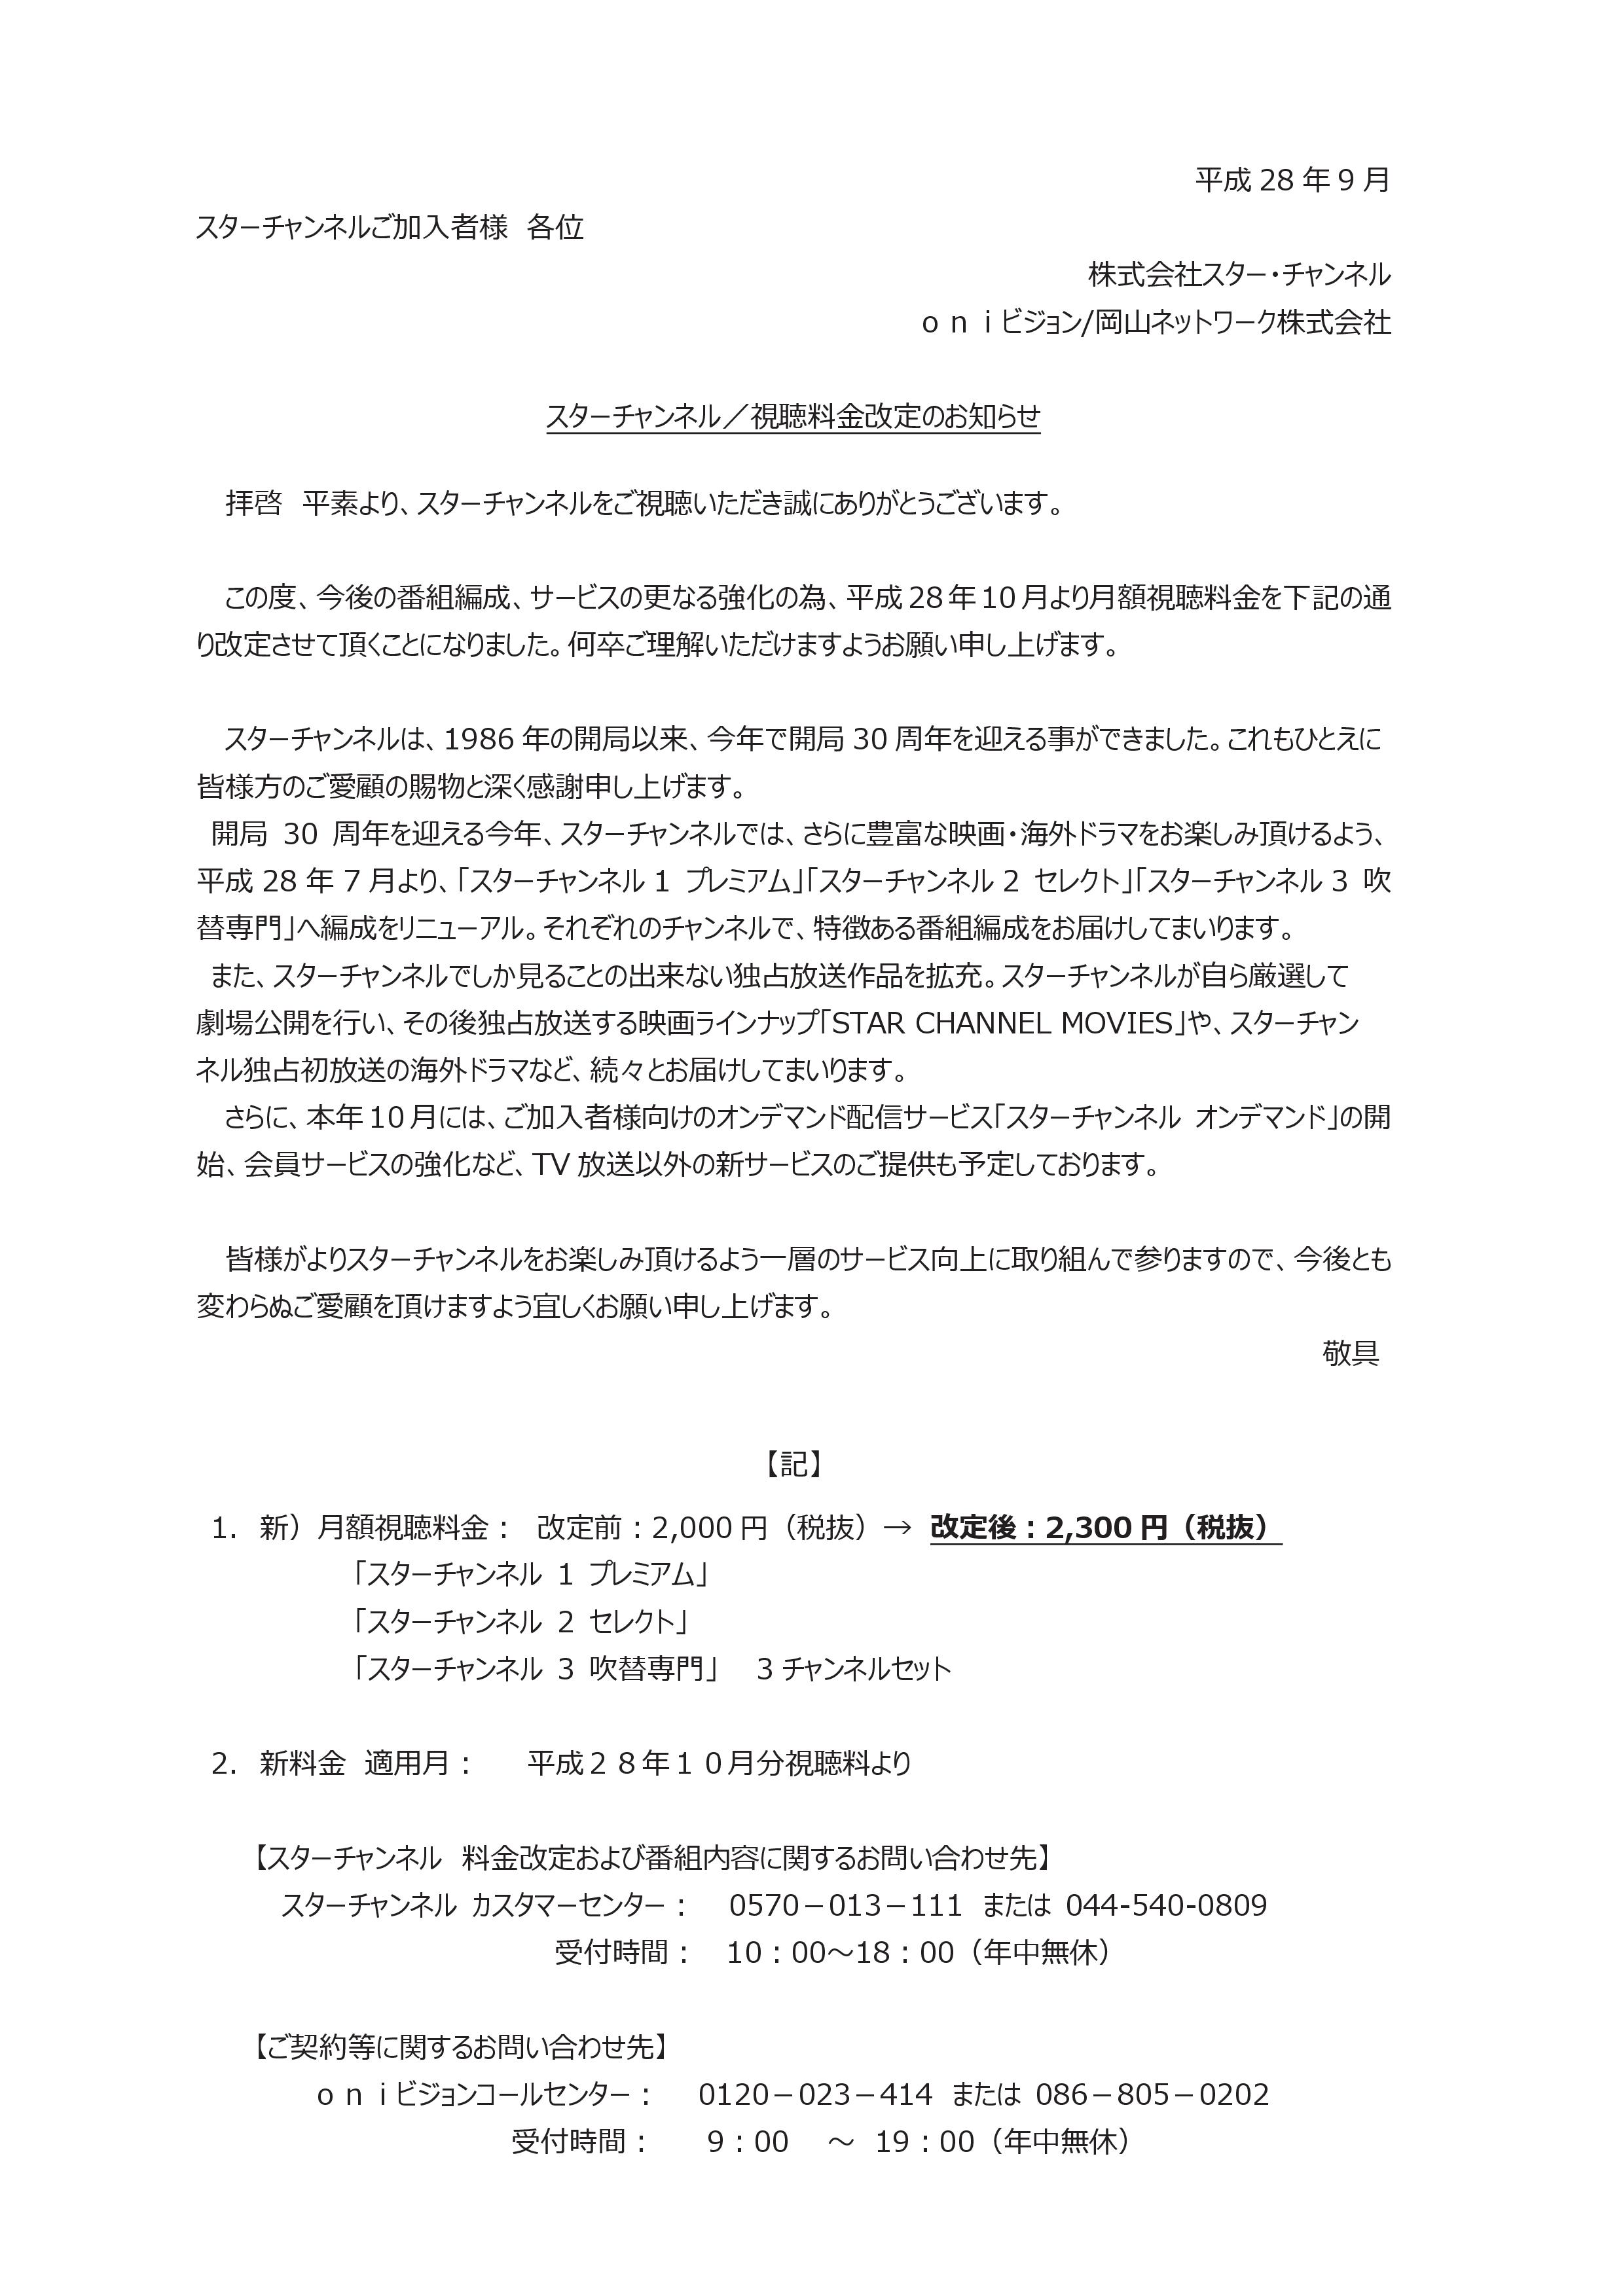 スターチャンネル料金改定のお知らせ